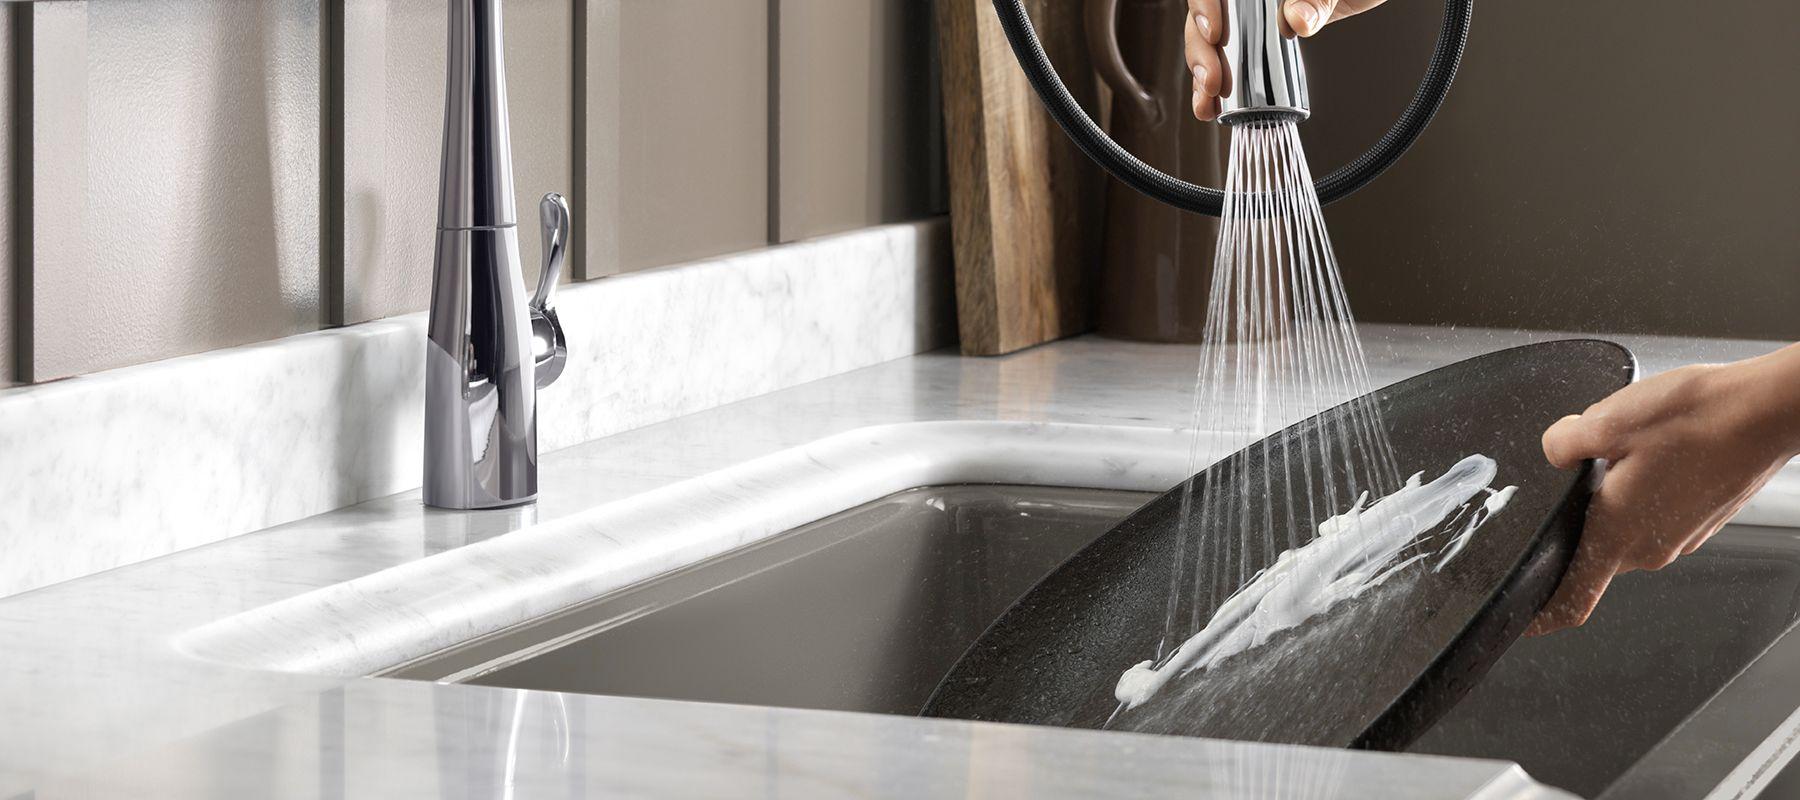 Kohler Revival Kitchen Faucet Kitchen Sink Faucets Kitchen Faucets Kitchen Kohler